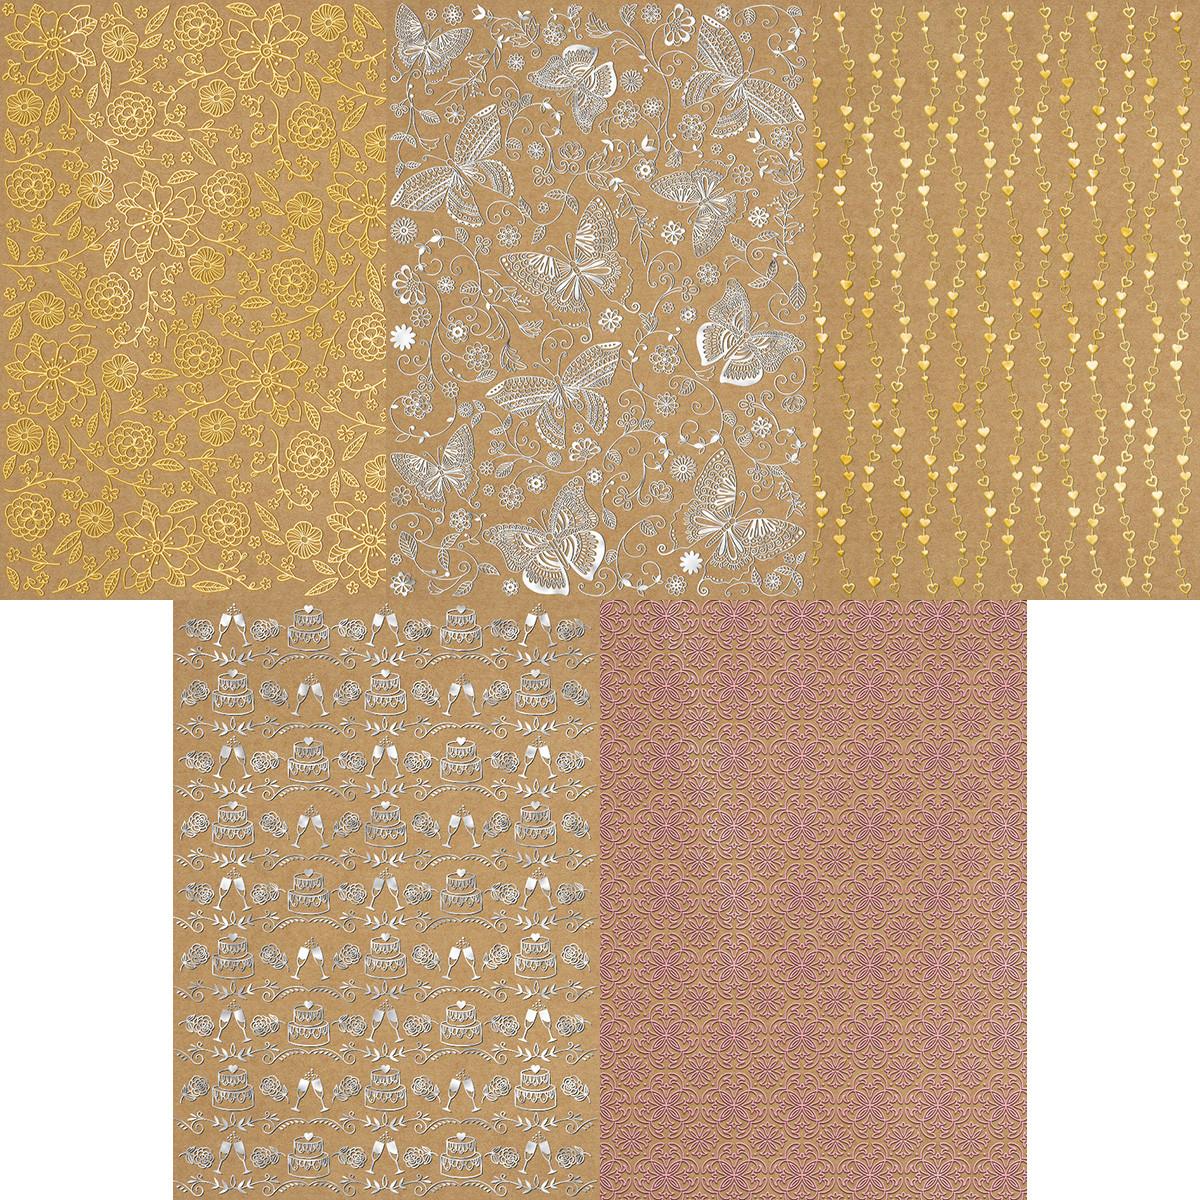 Kraftkarton Selection DIN 4 - 5 Blatt